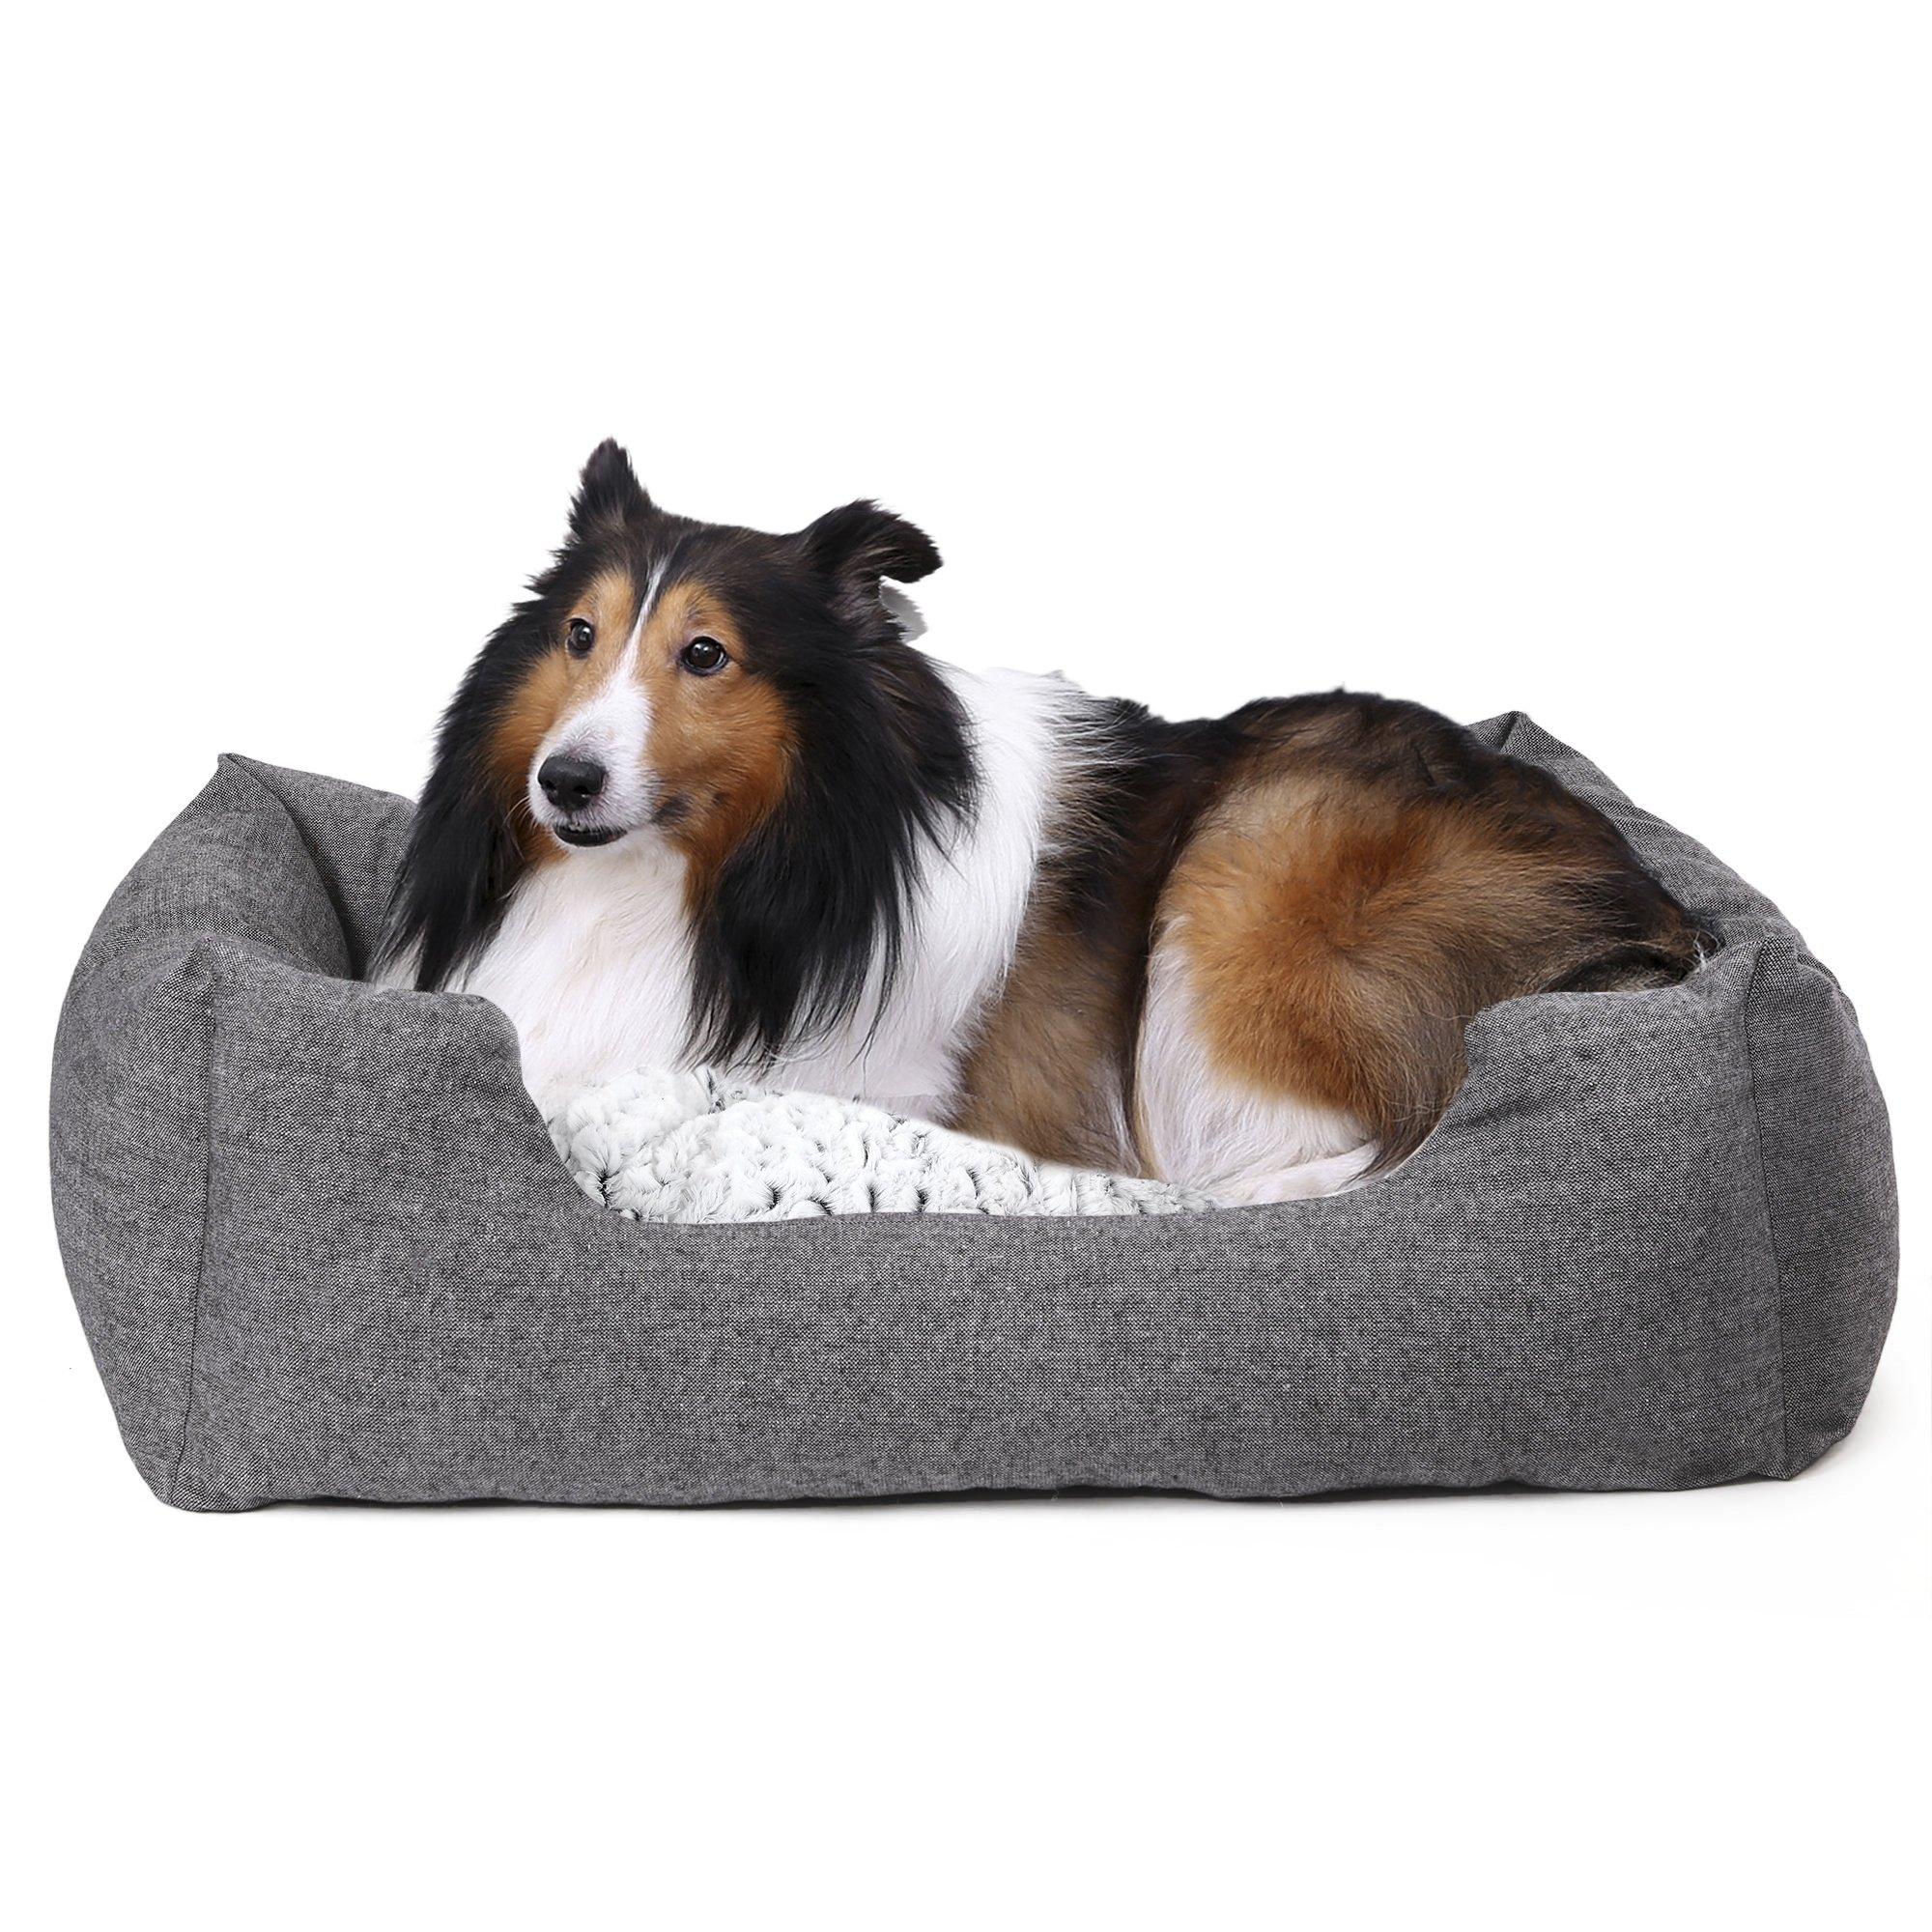 SONGMICS Panier pour Chien Lit M 80 x 60 x 26 cm Dog Bed Coussin Matelas Animaux PGW26G product image